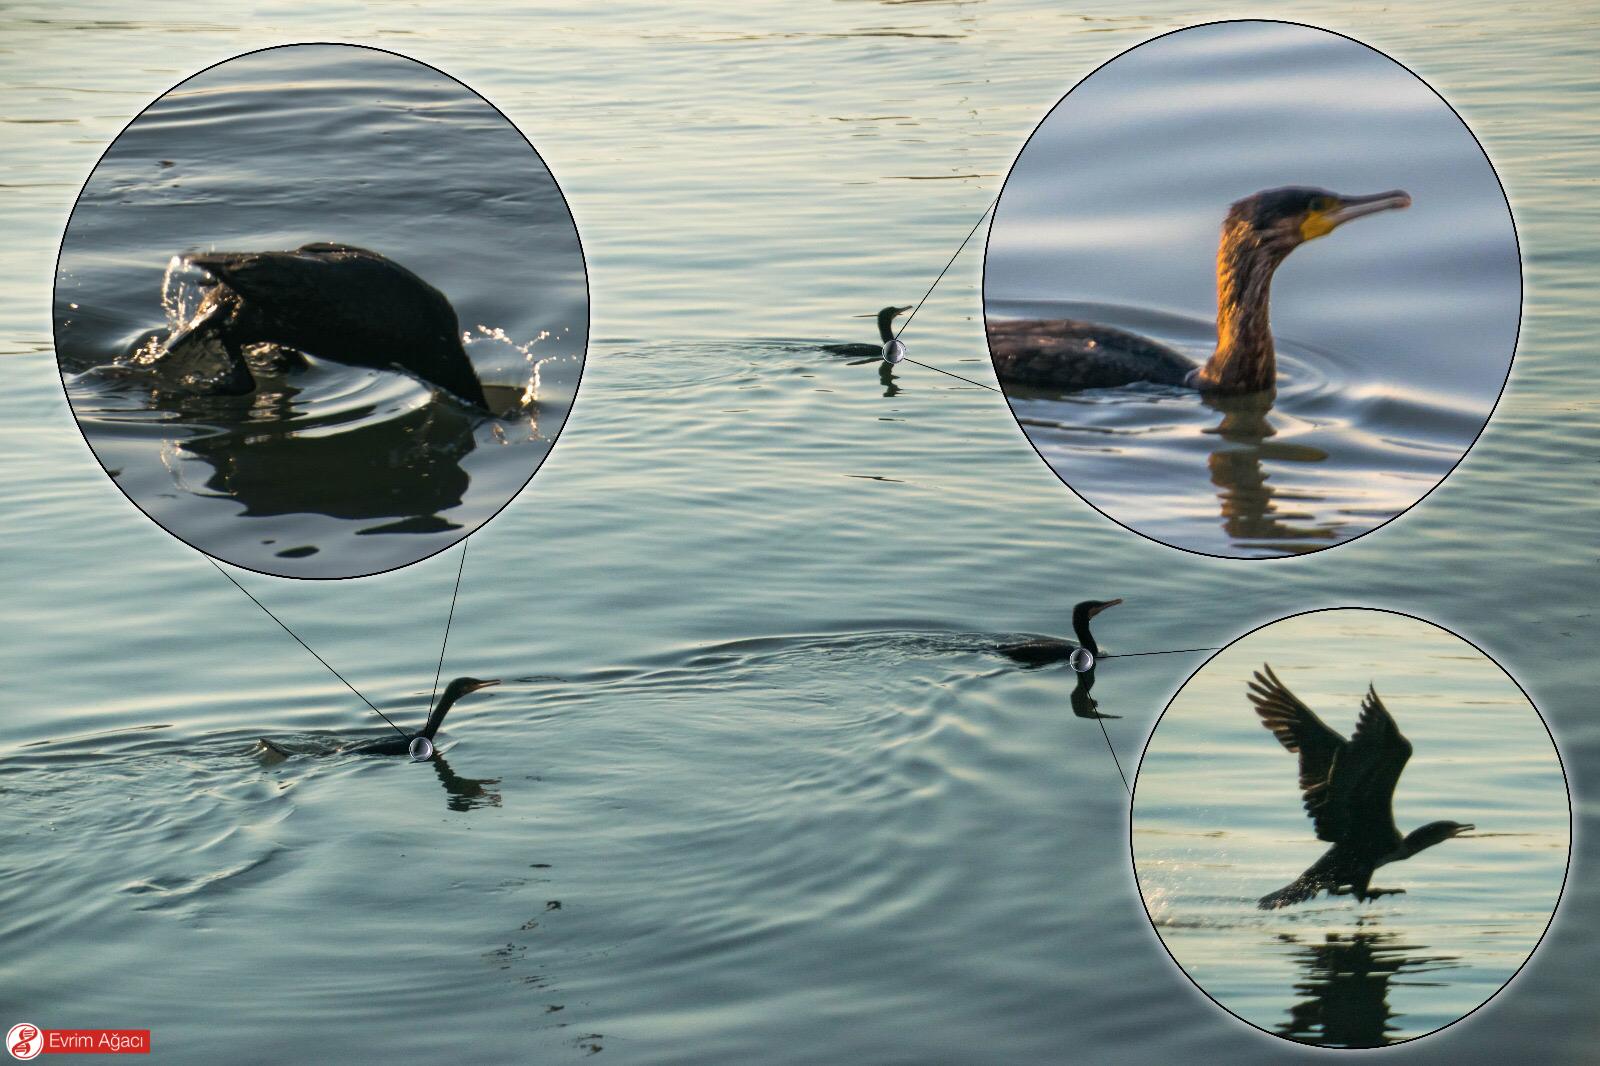 Zonguldak limanında balık tutan insanlardan geçinmeye çalışan 3 birey.